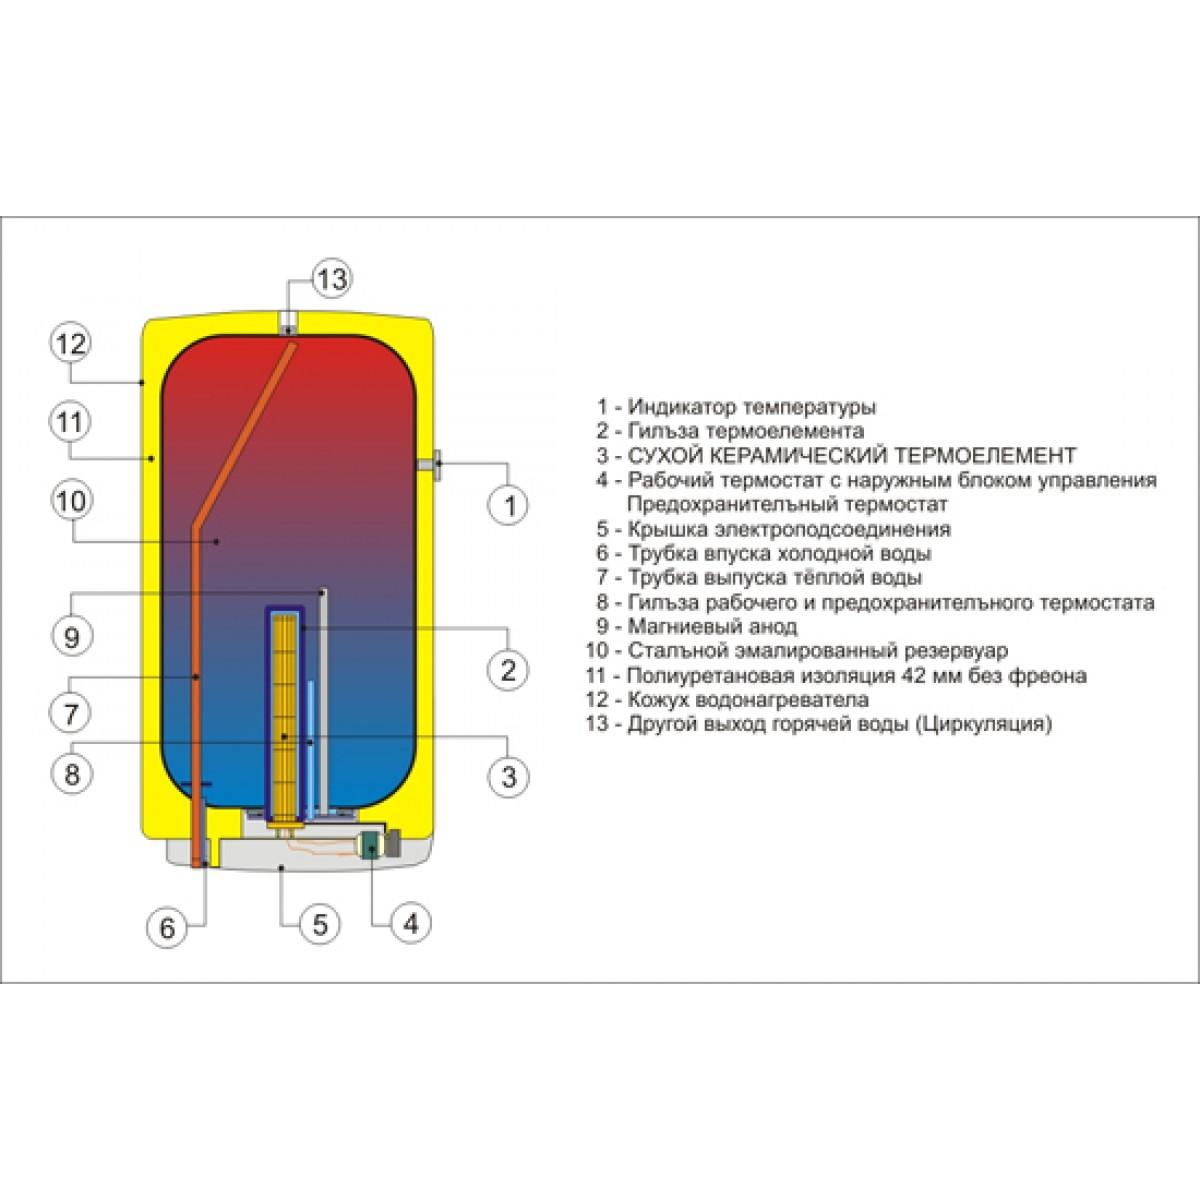 Инструкция по охране труда при работе на авто бойлере